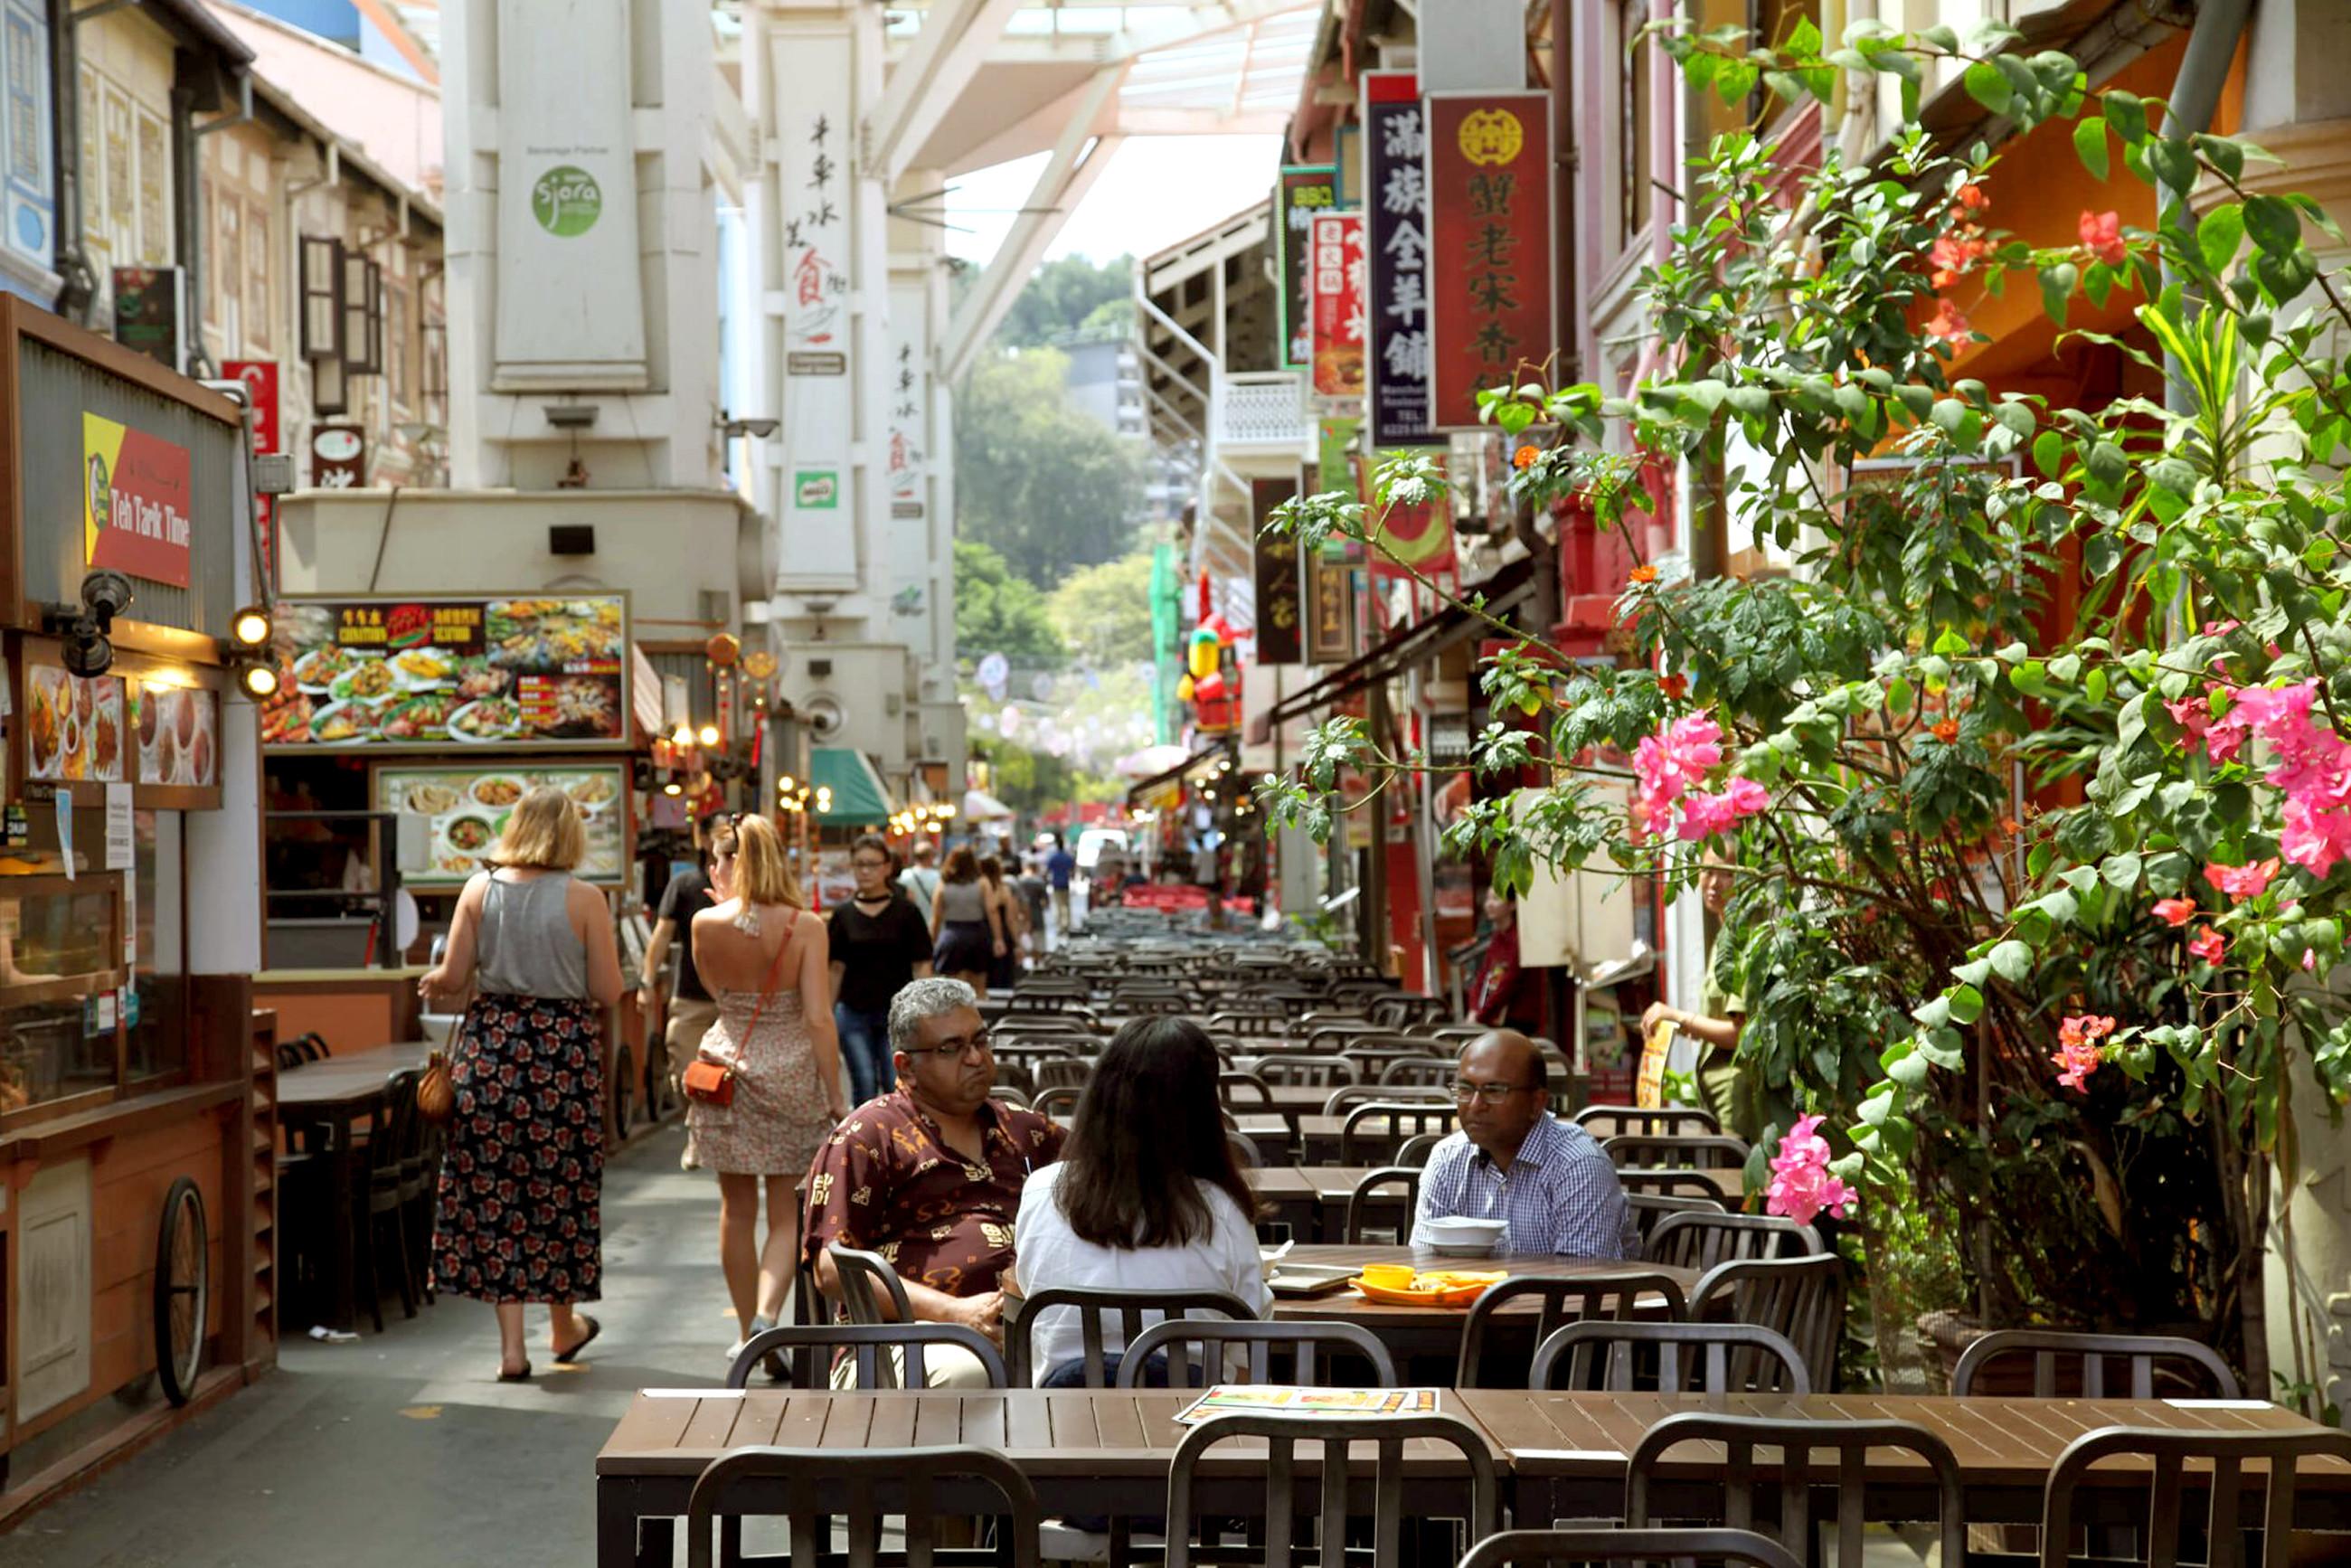 https://bubo.sk/uploads/galleries/7468/samuelklc_singapur_chinatown01.jpg